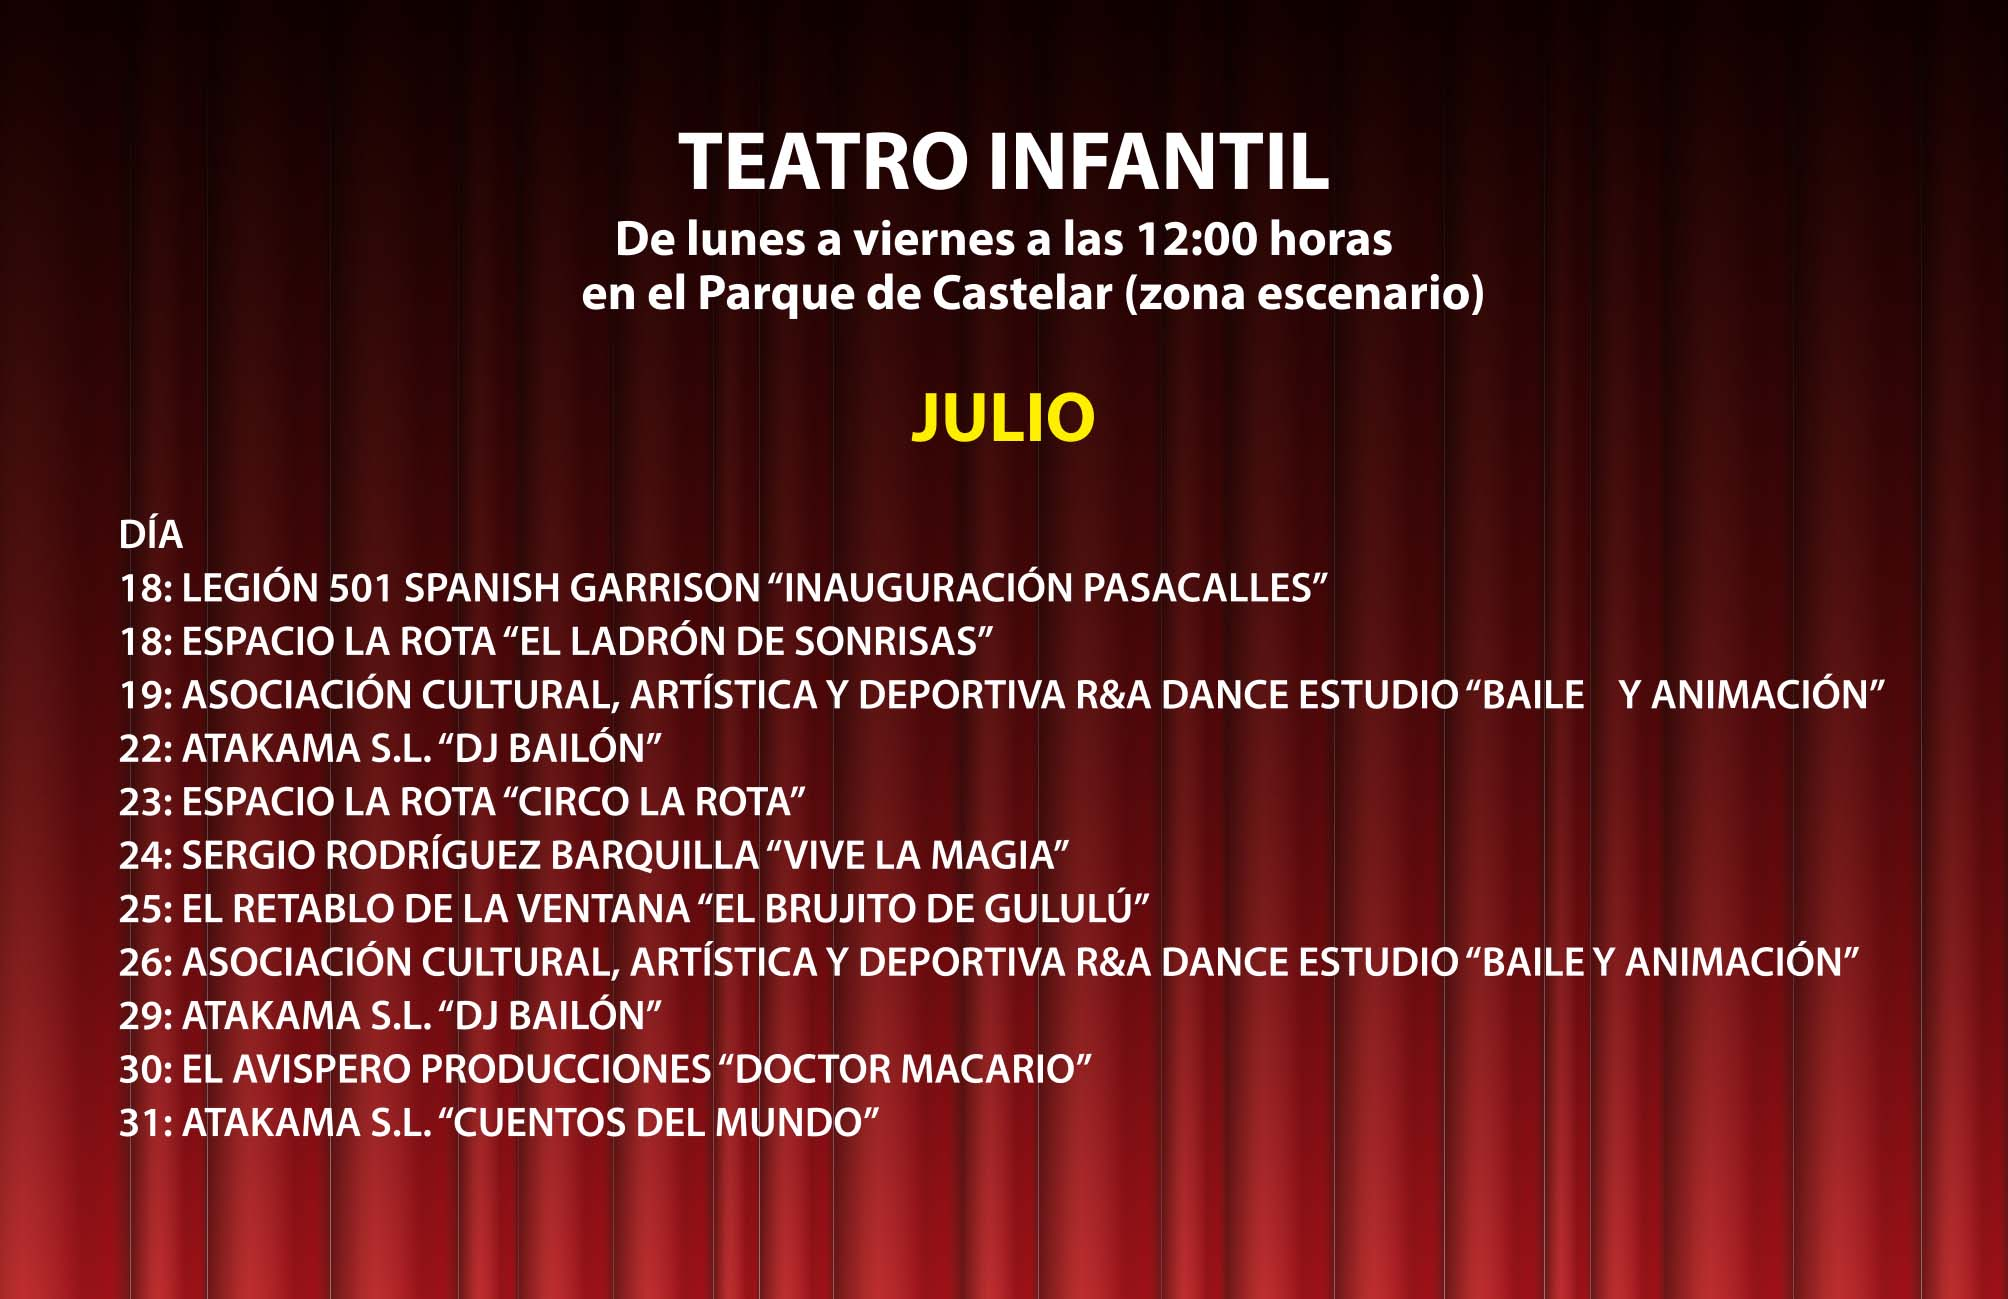 programa_vive_el_verano_2019-culba-018